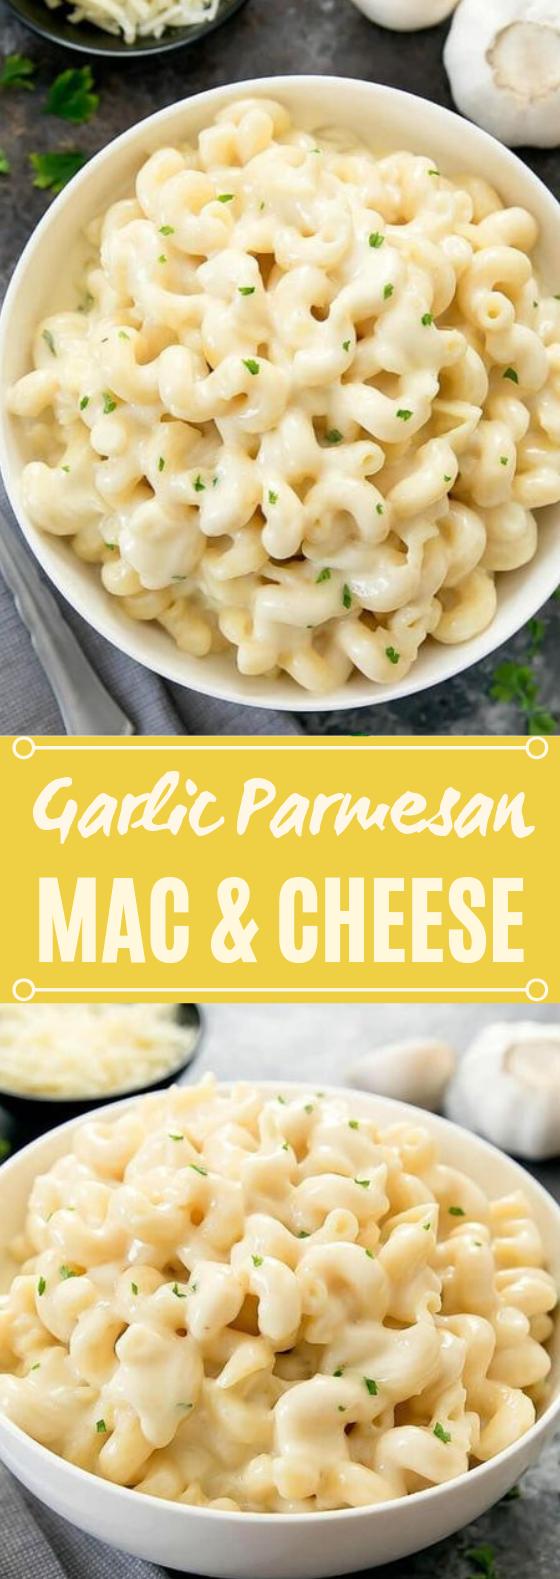 Garlic Parmesan Macaroni and Cheese #dinner #pasta